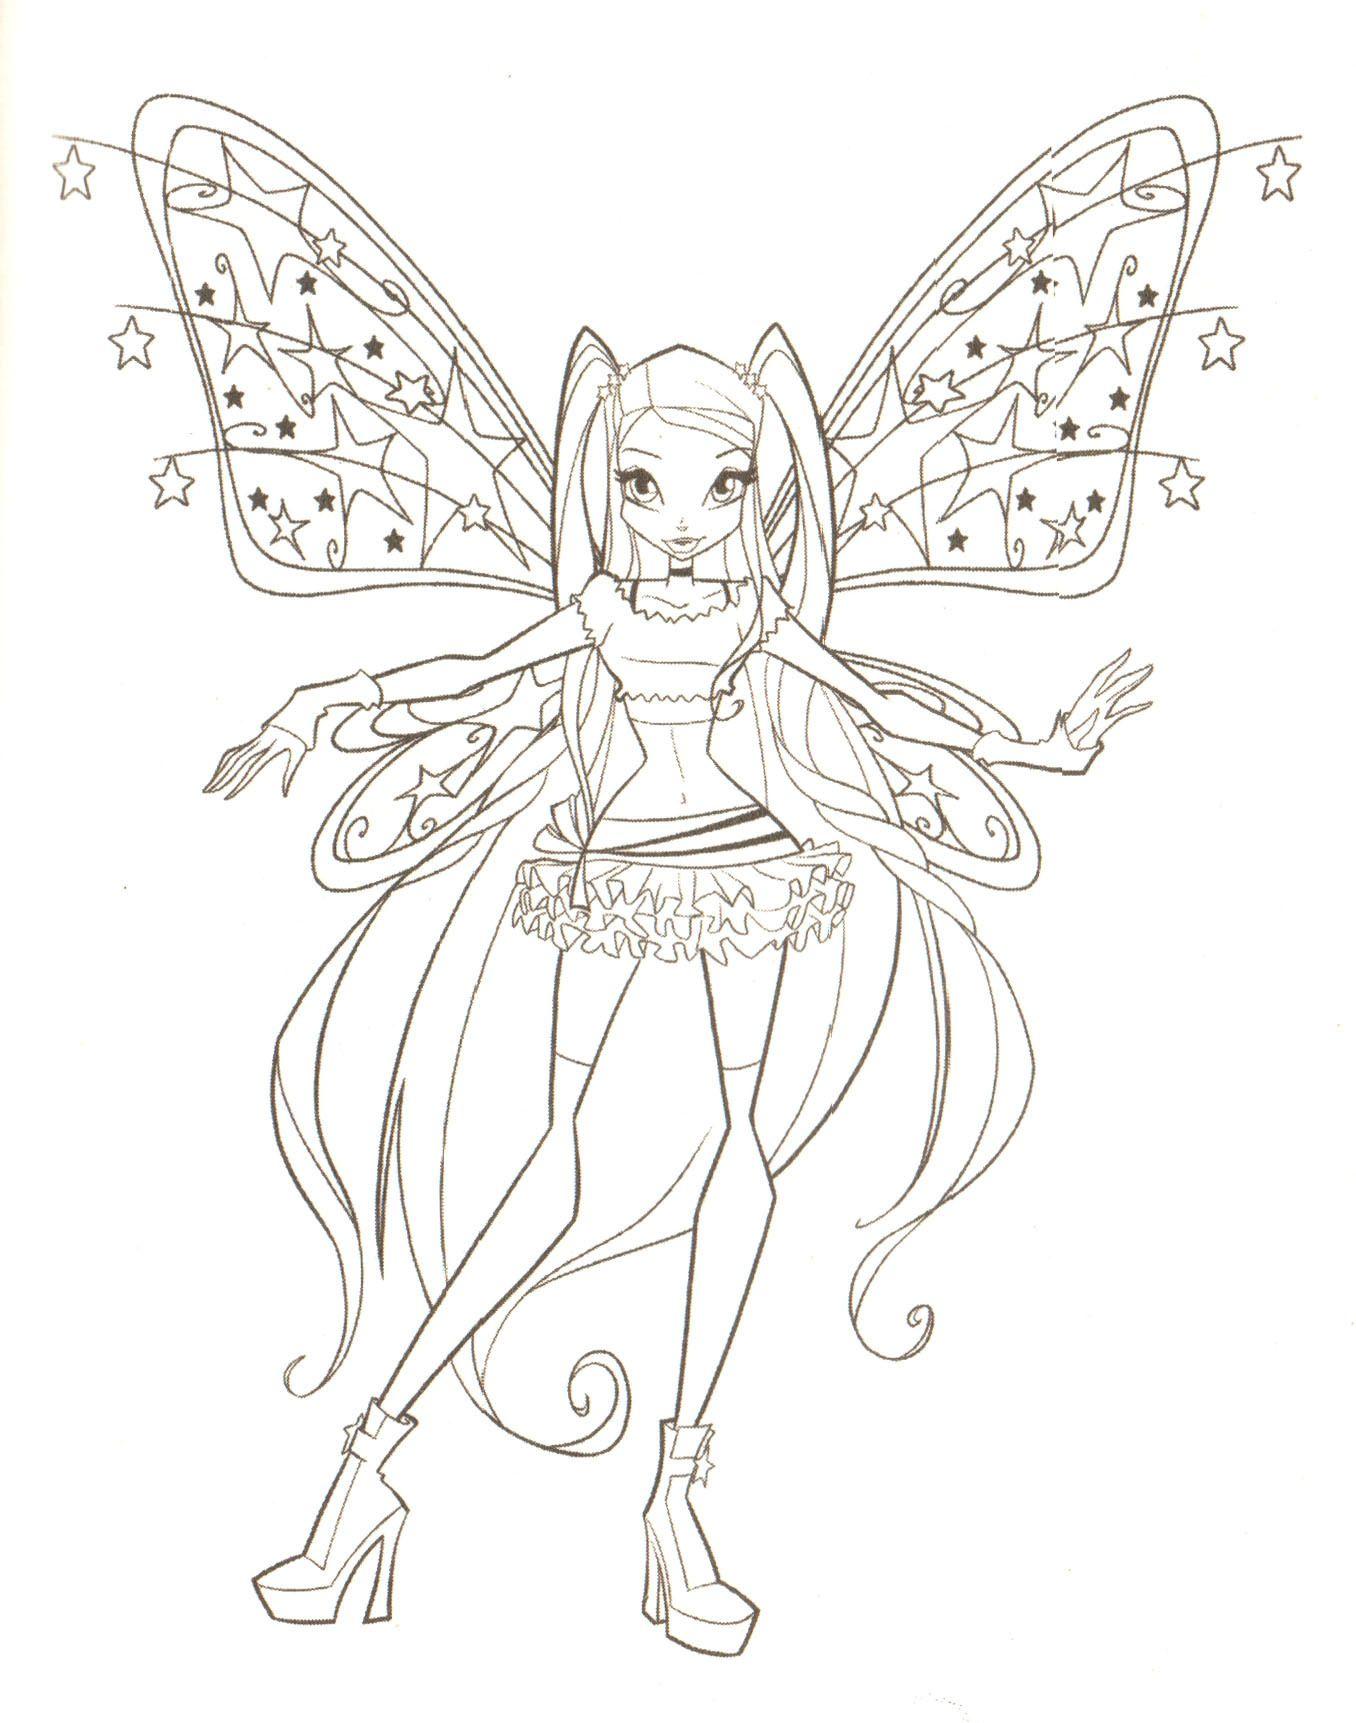 Disegni delle Winx da colorare Pagina 3 - Fotogallery Donnaclick ...